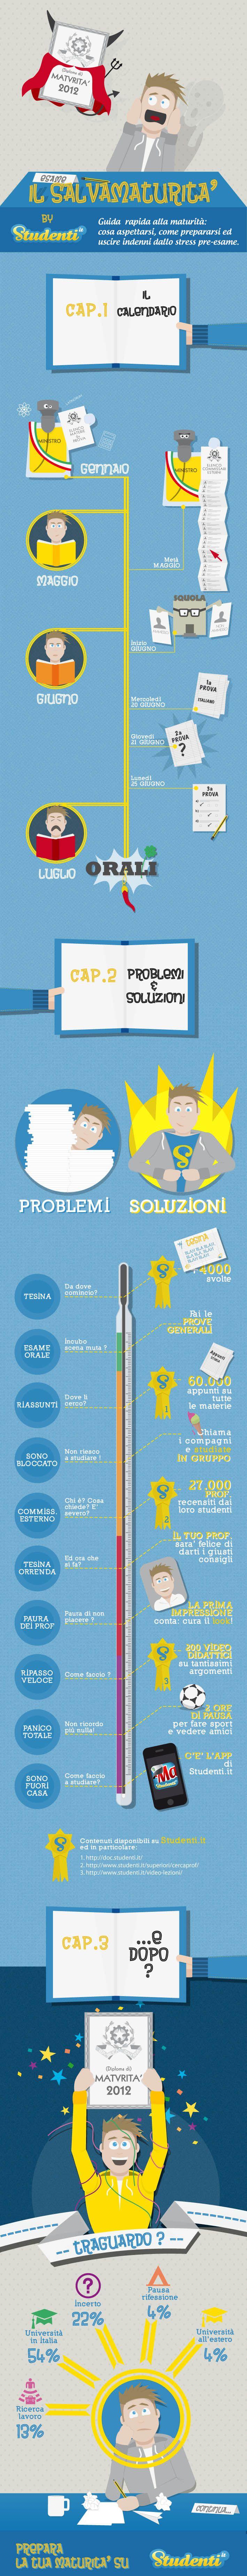 Maturità 2012 - Il Salvamaturità (consigli e guida). [Client: Studenti.it / Banzai - Agency: Bizupmedia.com]